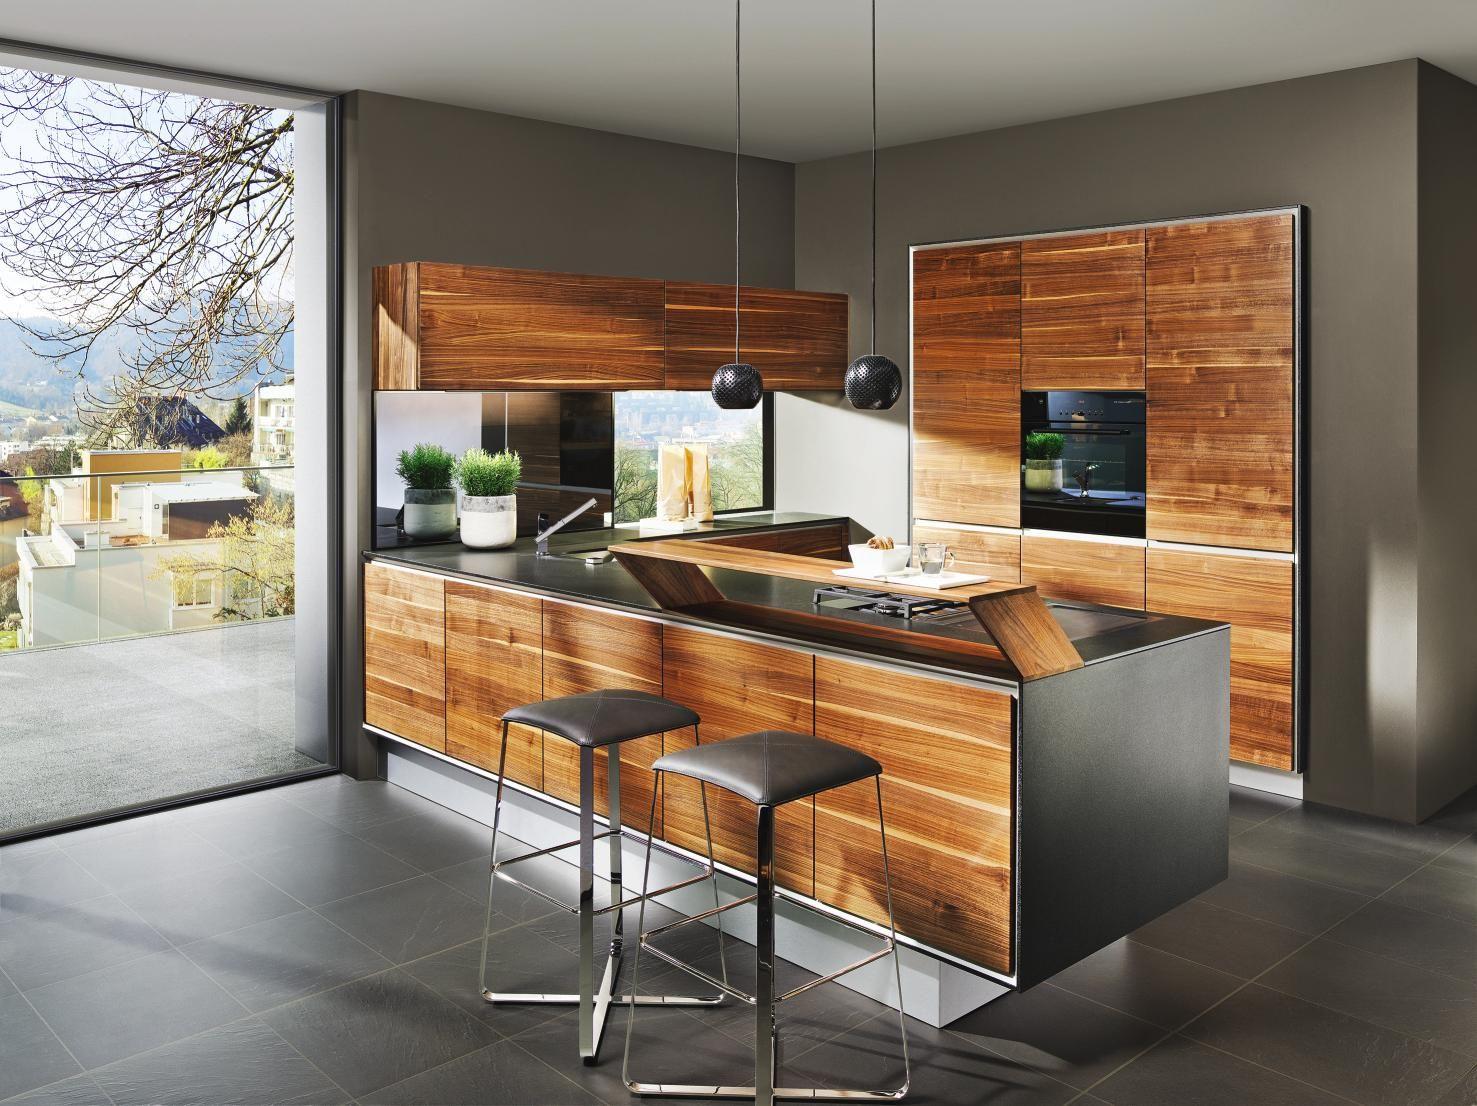 Einbauküche in Markenqualität von TEAM 7 natürlicher